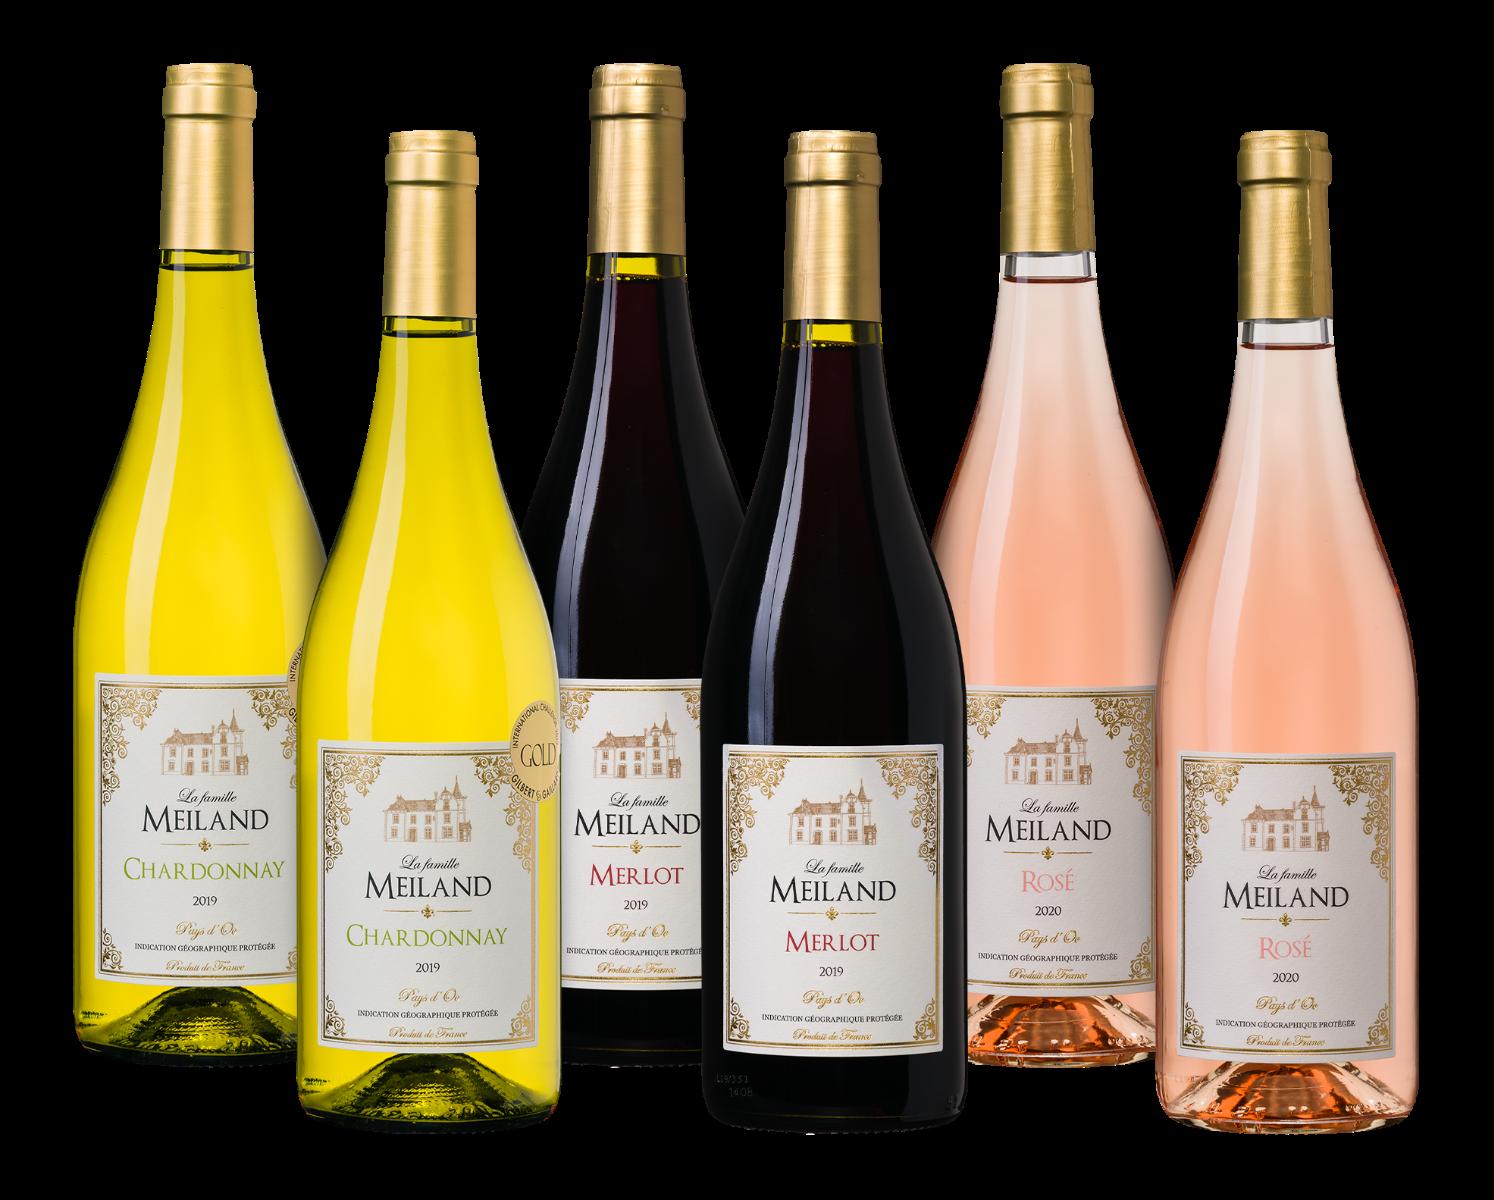 Wijnpakket Meiland (6 flessen)